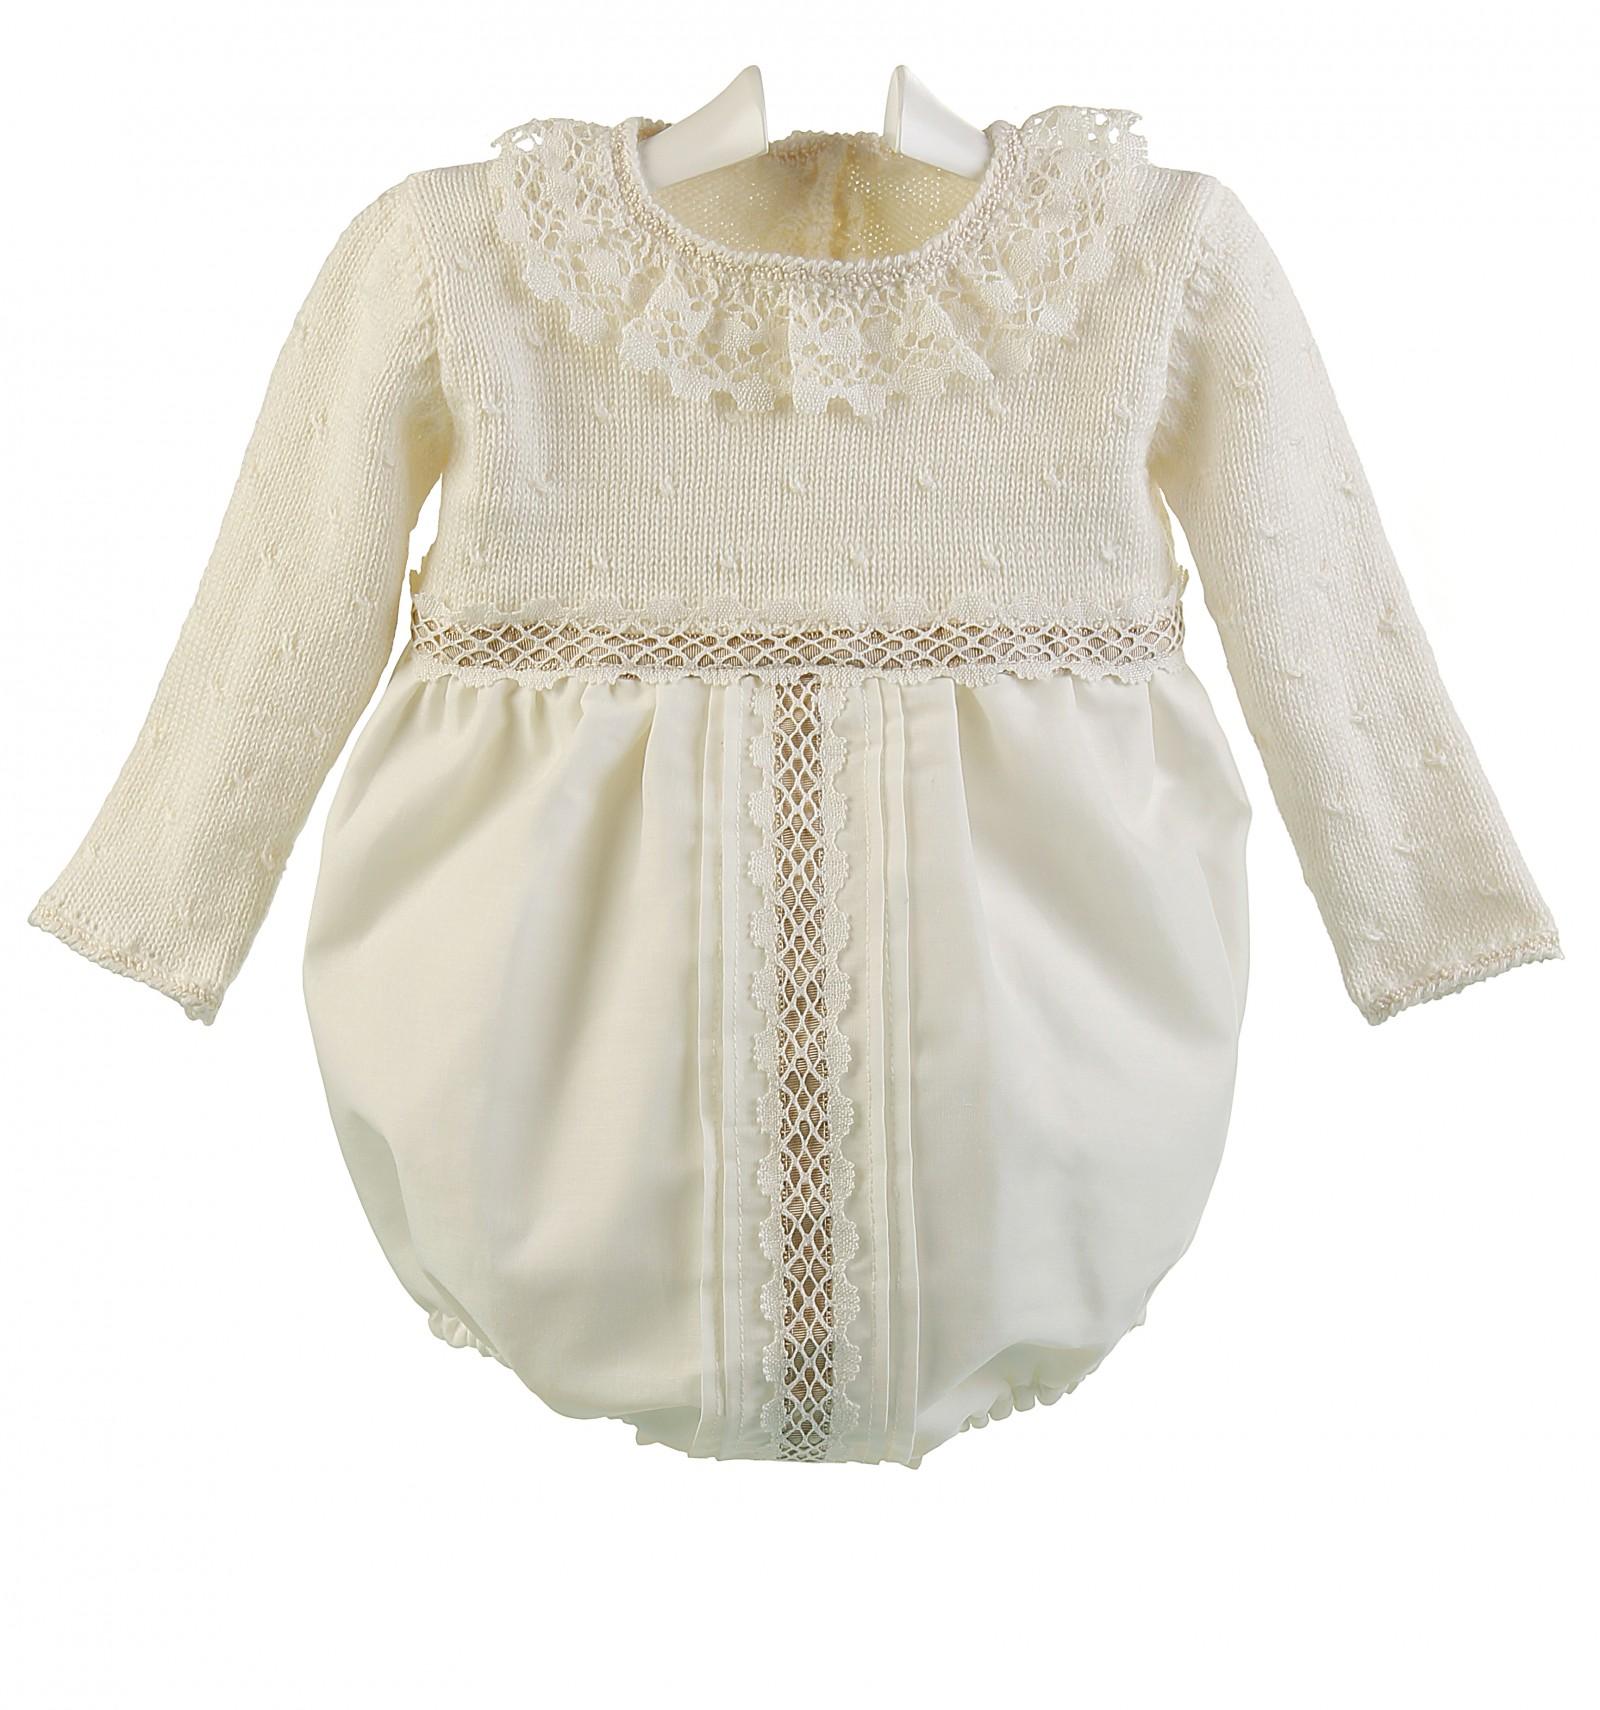 Ranita de ceremonia y bautizo para bebé con cuerpo de lana merino y bolillo c11b0ac55e2